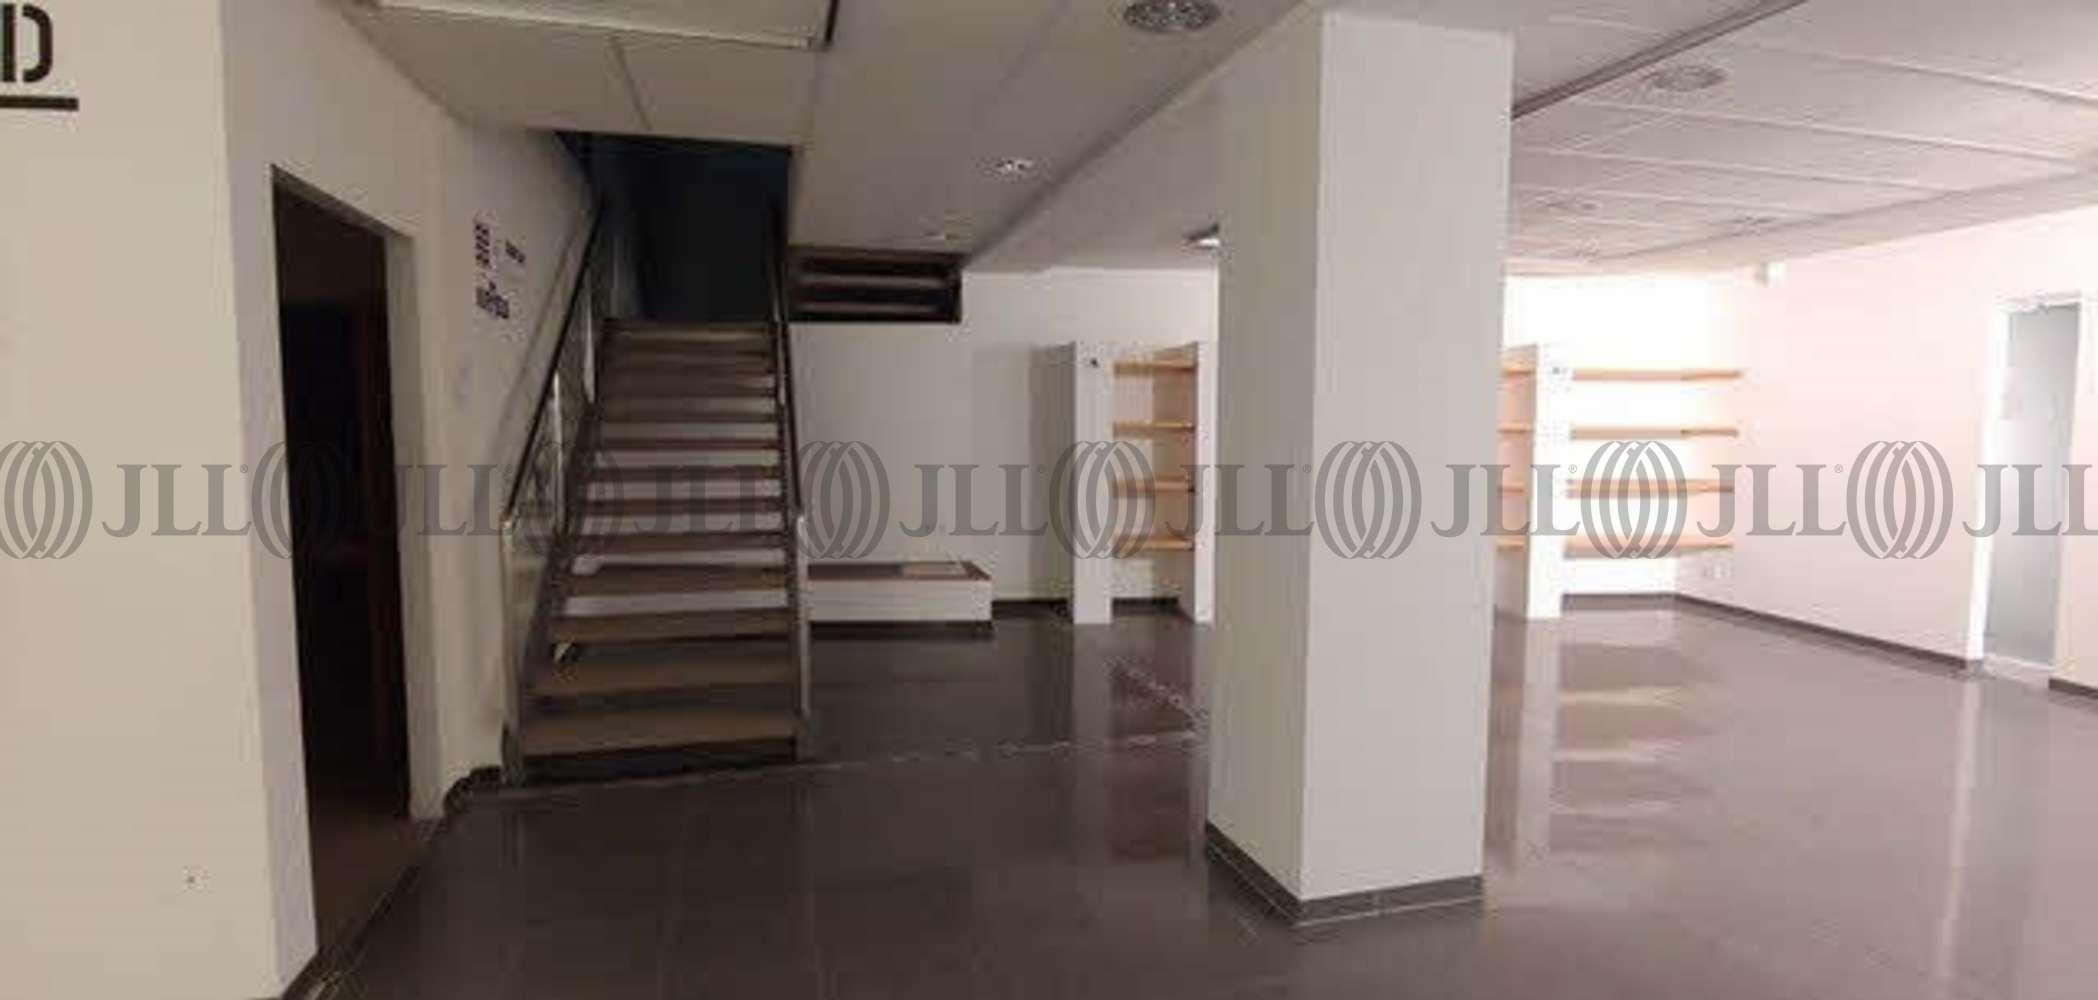 Ladenflächen Bingen am rhein, 55411 - Ladenfläche - Bingen am Rhein, Bingen - E0919 - 10925220